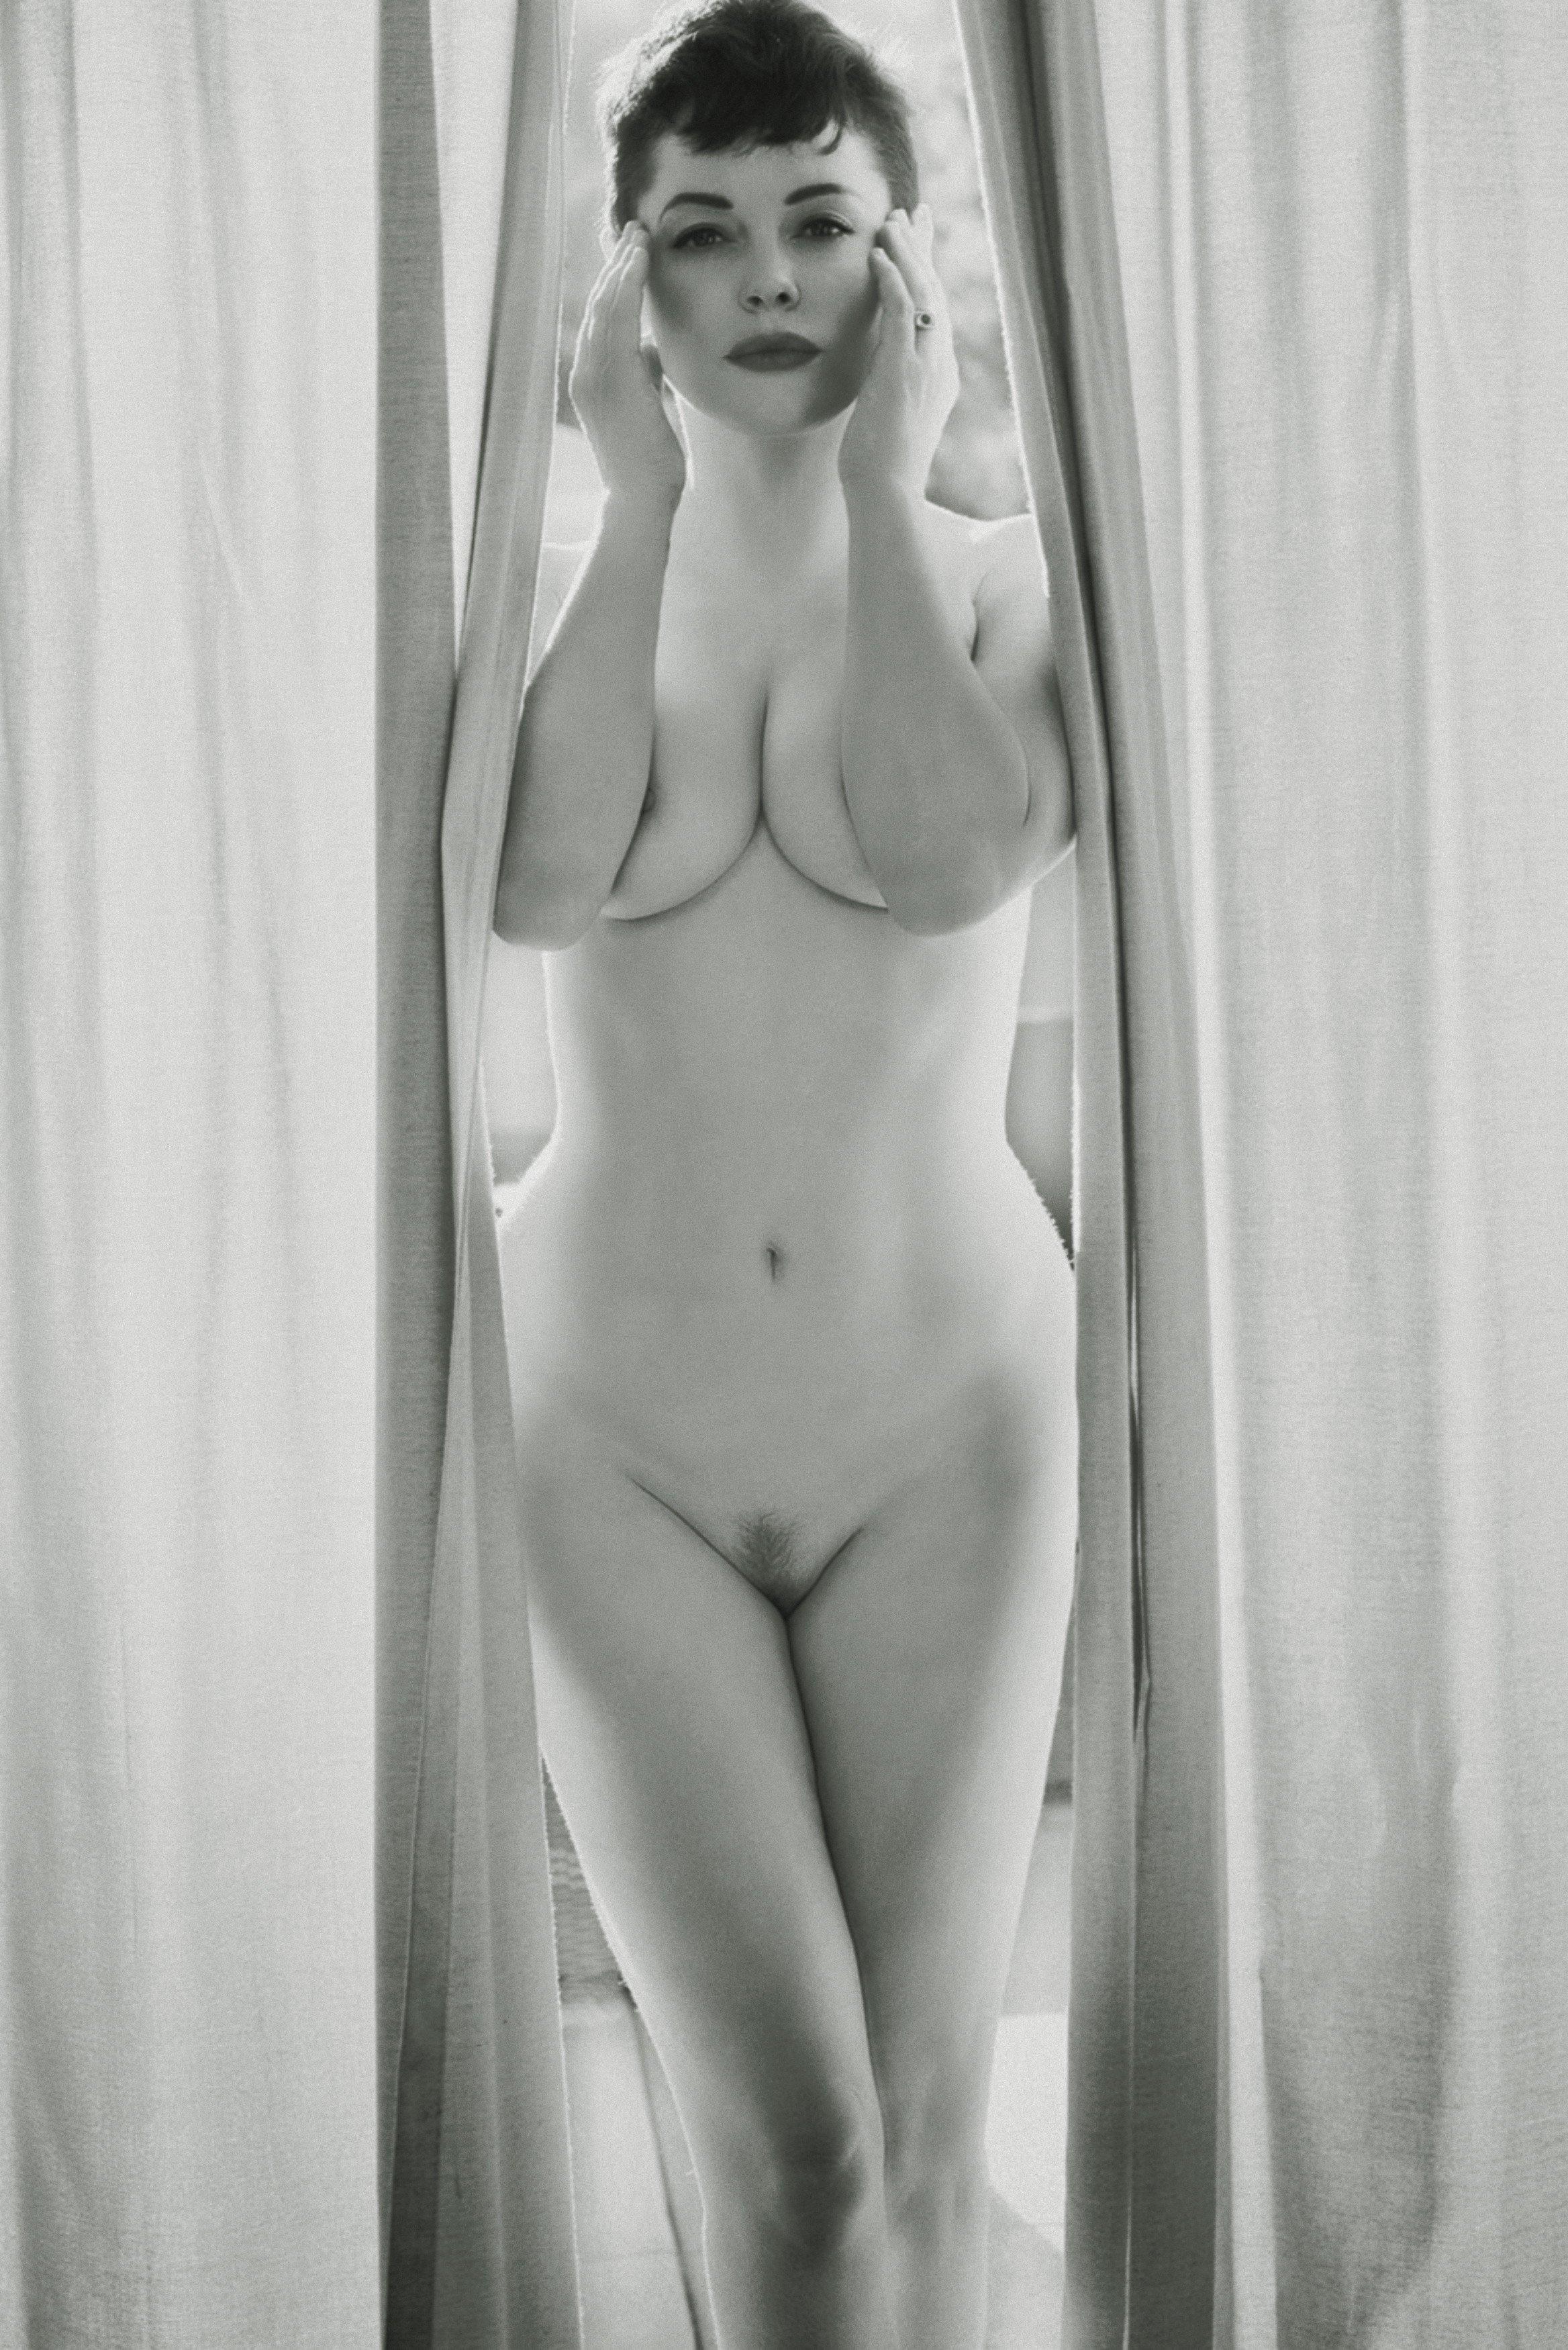 Роус макгоуэн в порно